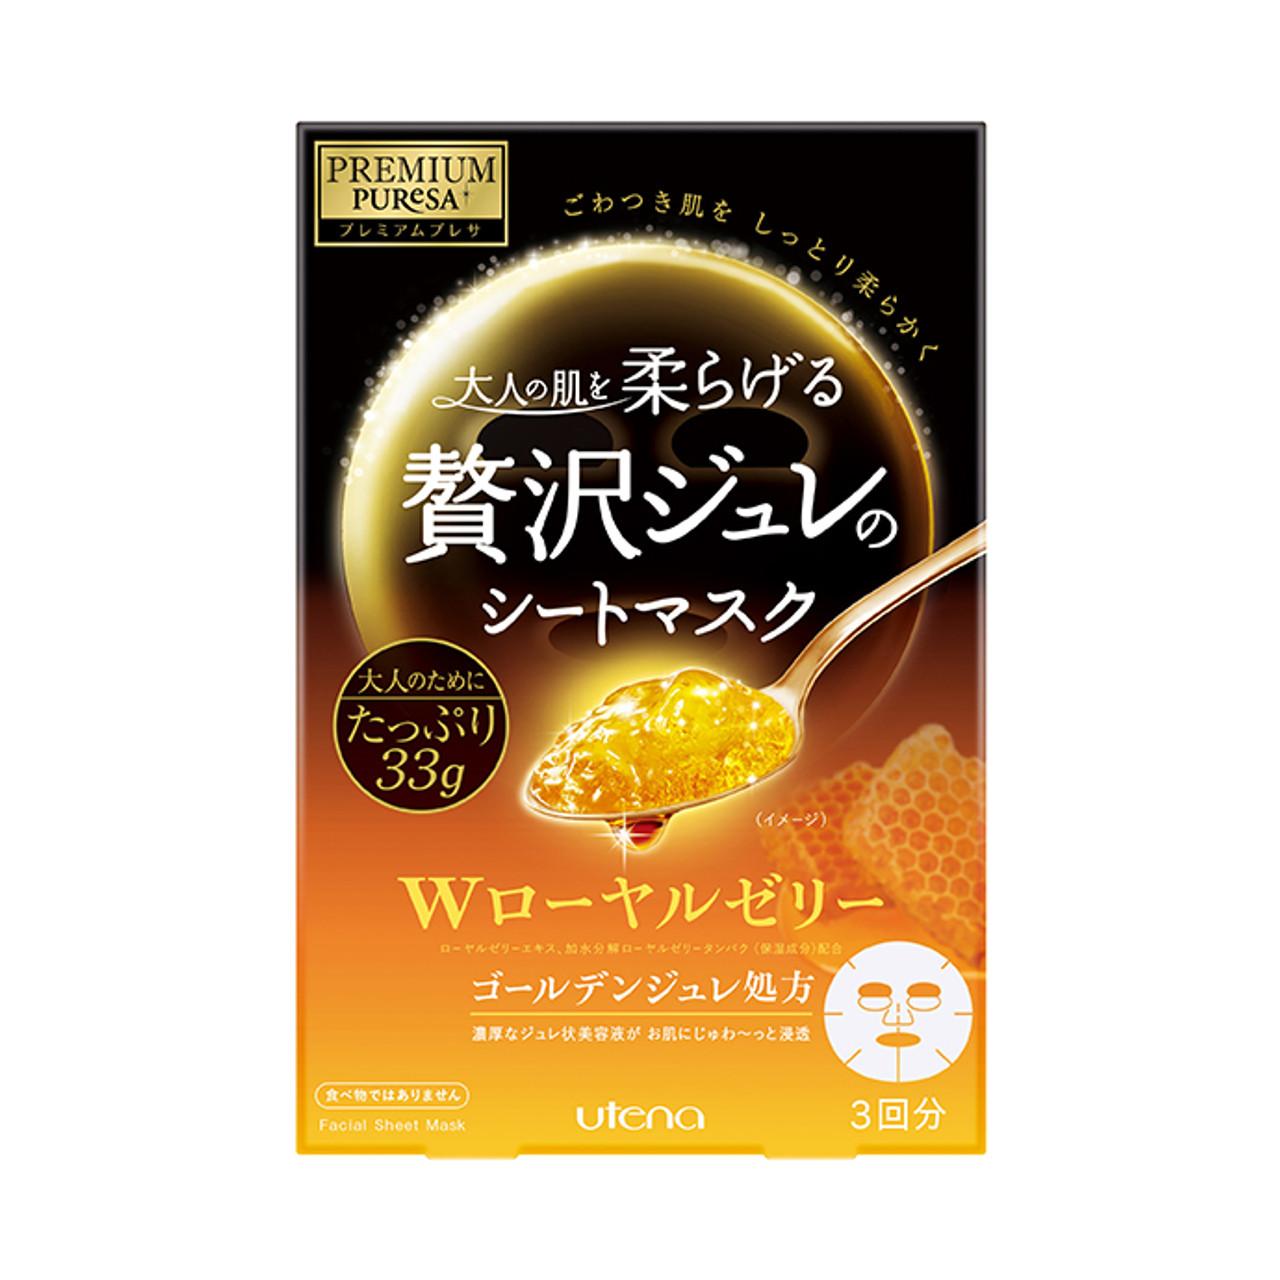 Premium Puresa Golden Jelly Mask RJ Премиальные гелевые маски с пчелиным маточным молочком